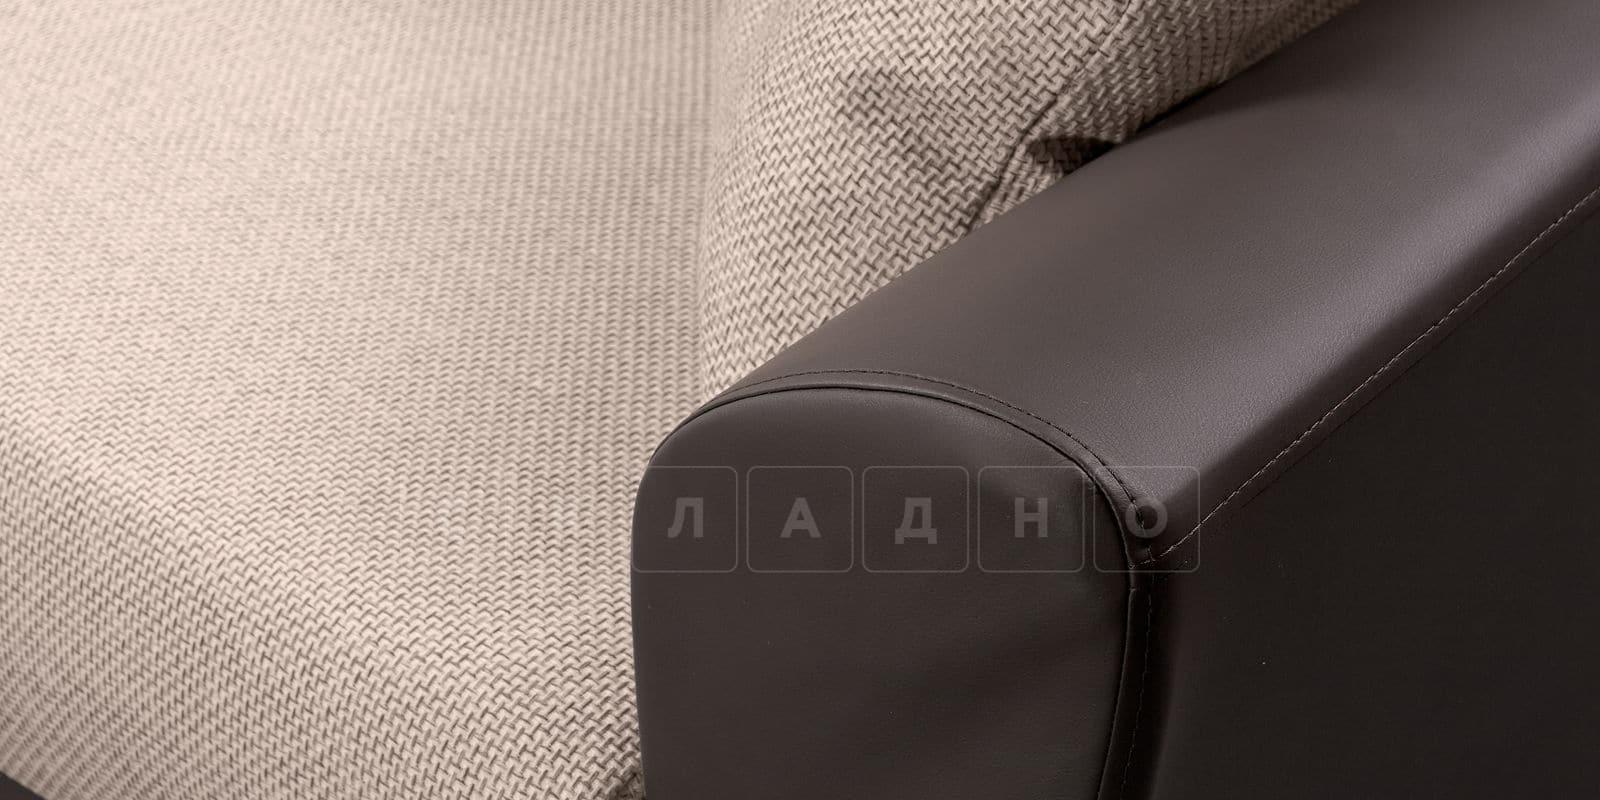 Диван прямой Амстердам кожаный с рогожкой бежевый фото 6 | интернет-магазин Складно